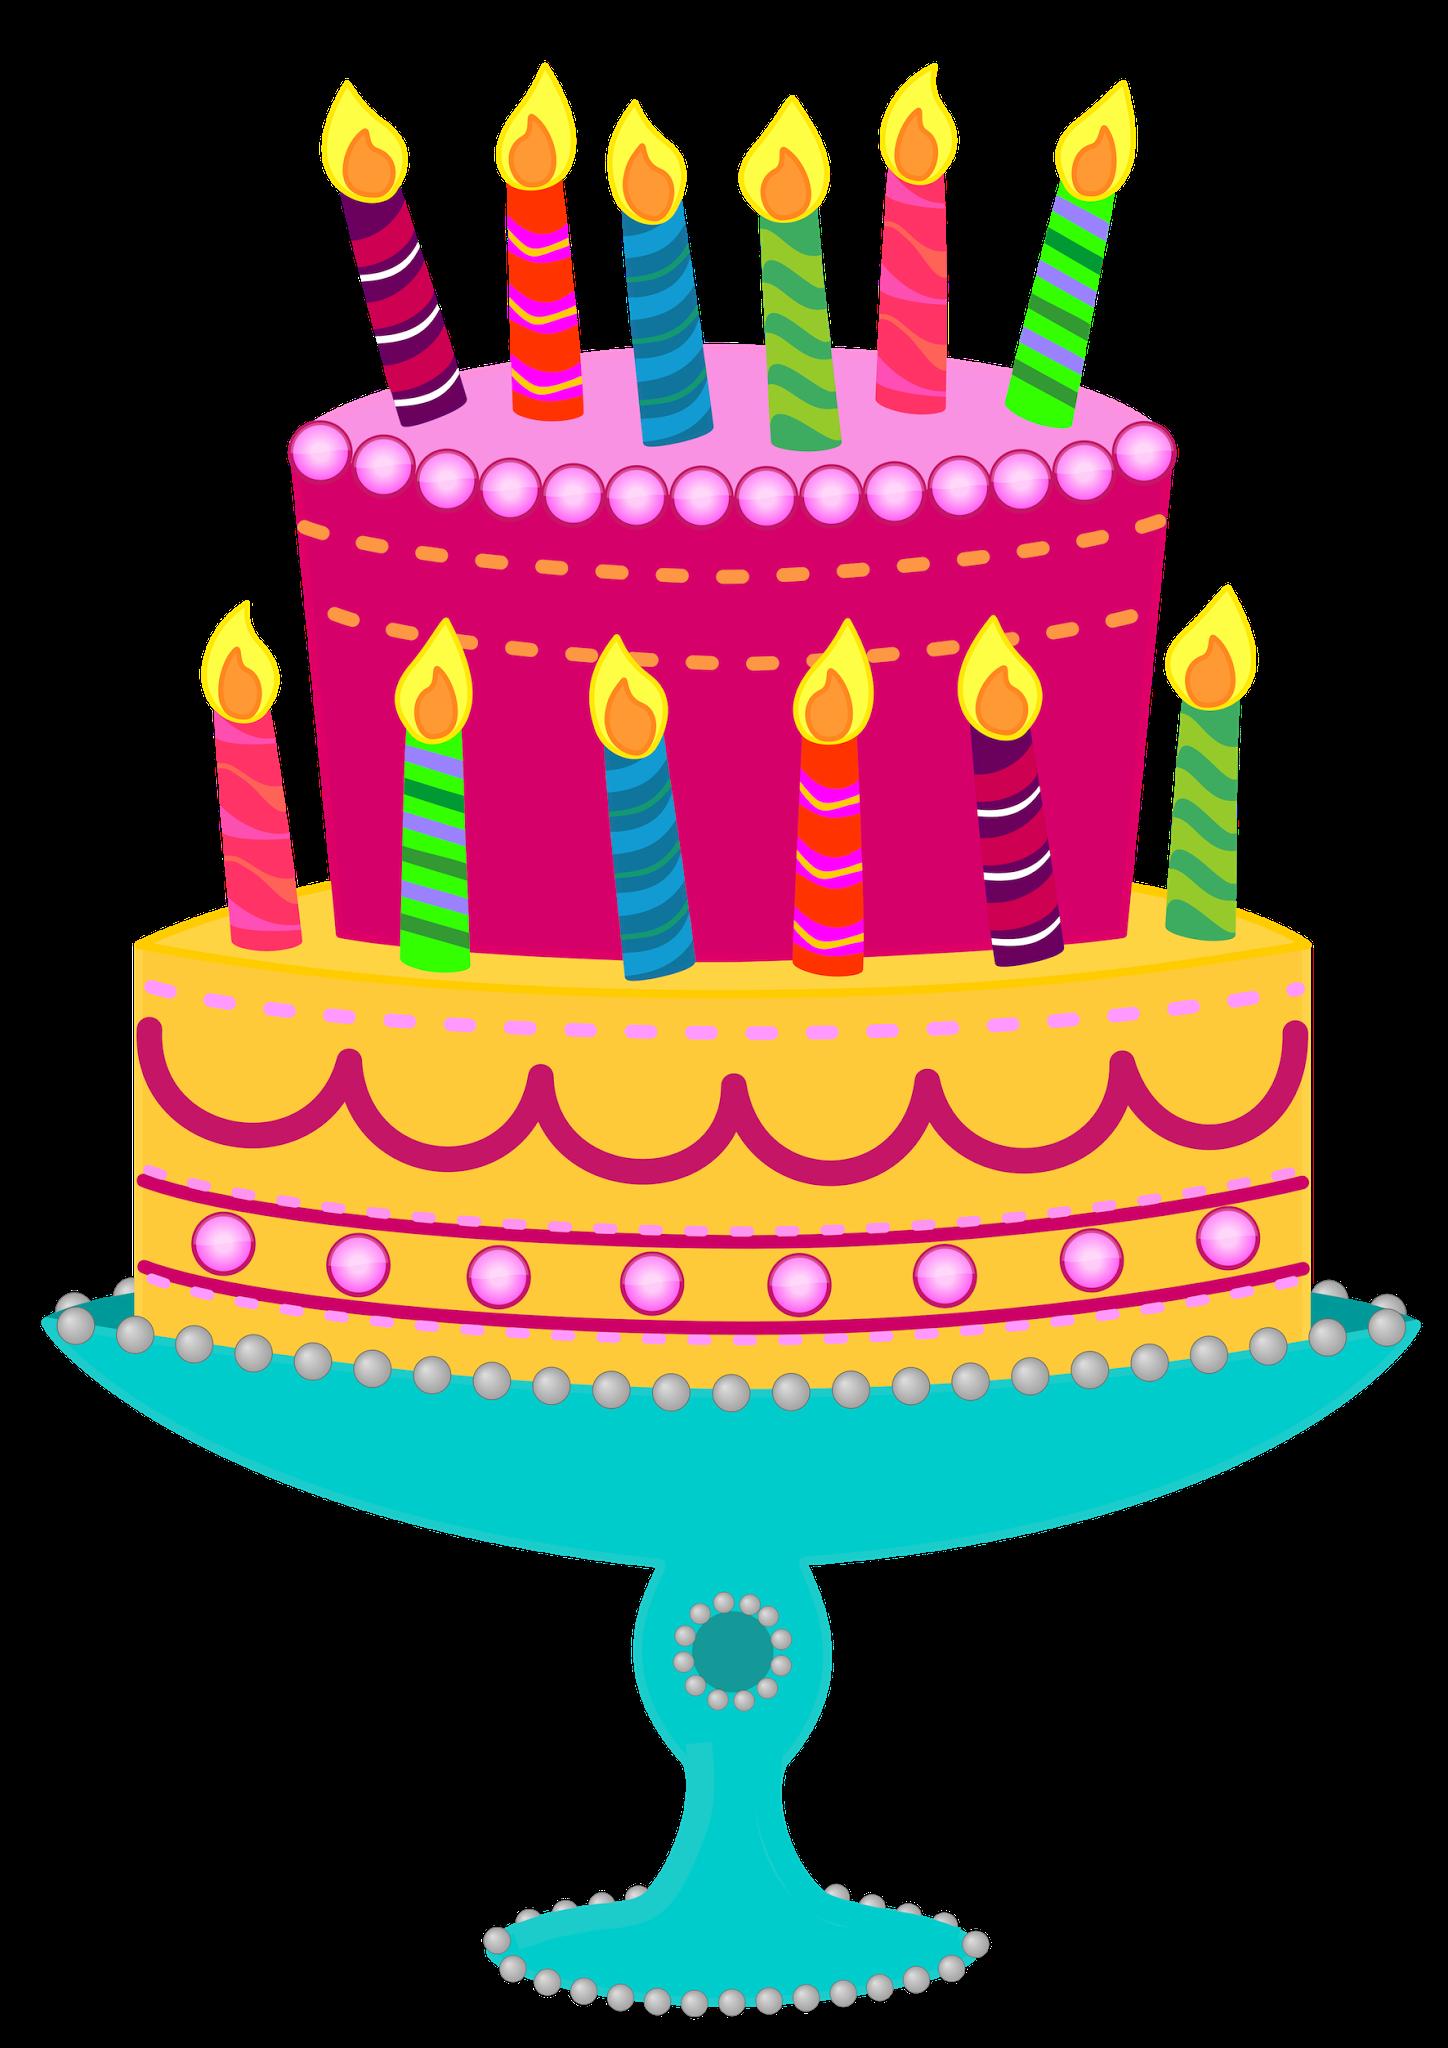 April Birthdays - 13- Raya14- Tito & Ire Ol.15-Toniloba / Faith16- Semilore17- Ms. Jolade / Lara / Gbolahan18- Temijopelo19- Michael Ak.20- Mr. Bolu / Dunsin21- Leah23- Titi B. / Terigbade25- Ms. Mabel / Tosin B.29- Ms. Bisola / Eri O.